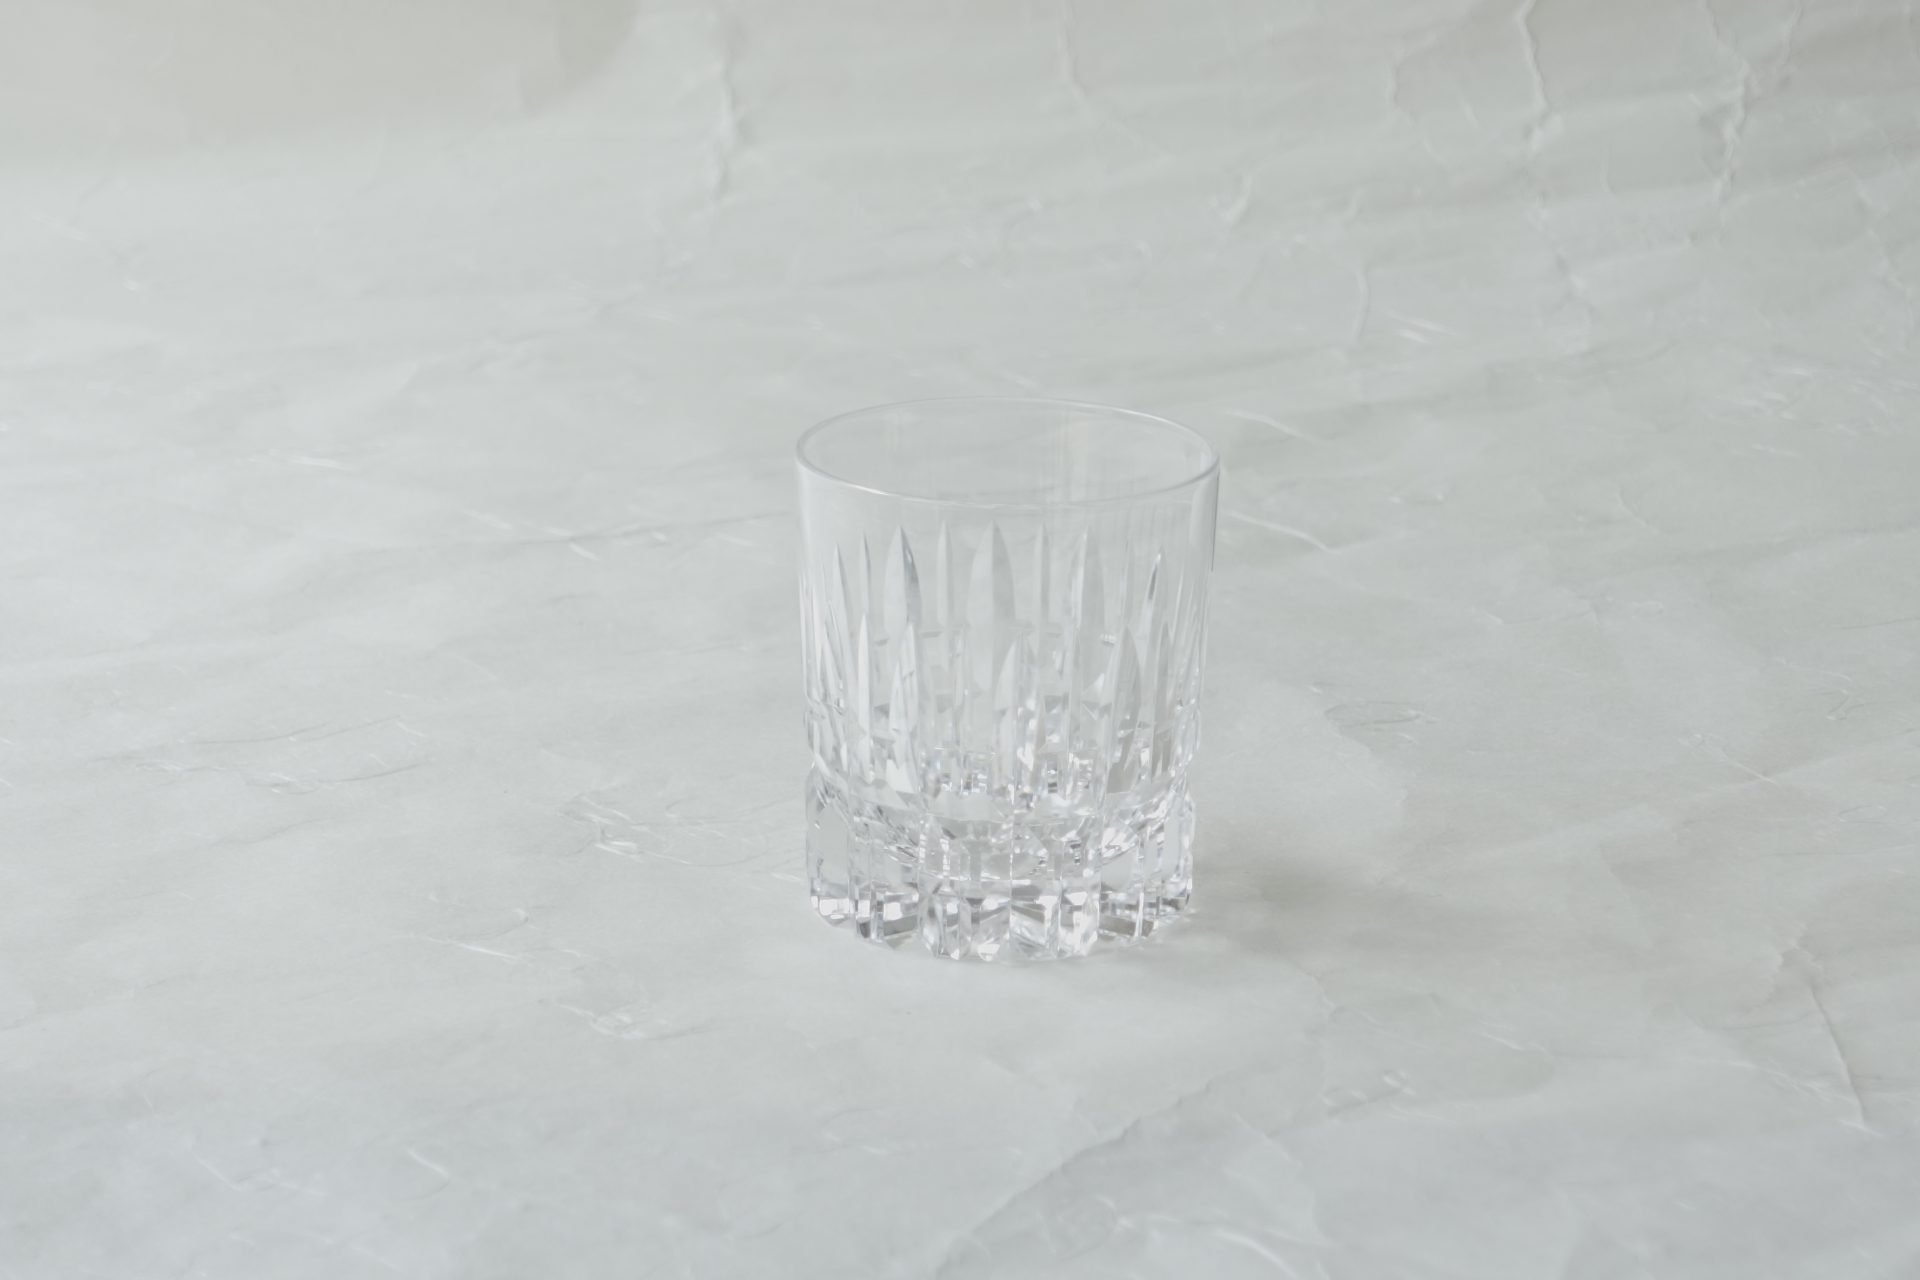 ガラス器 日本製 ハンドカット ミニグラス クリスタルガラス 精選 高純度の原料 高い透明度 美しい輝き 澄んだ音色 酸化亜鉛を添加 水晶のように輝く 透明なガラス 余韻が残る音色 重量感 重厚感 高級感 精巧な作り 江戸切子と同じ高い技術 こだわったグラス 最上級 冷酒杯 食前酒 ウイスキー 紹興酒 ストレートのお酒 濃い目のアルコール